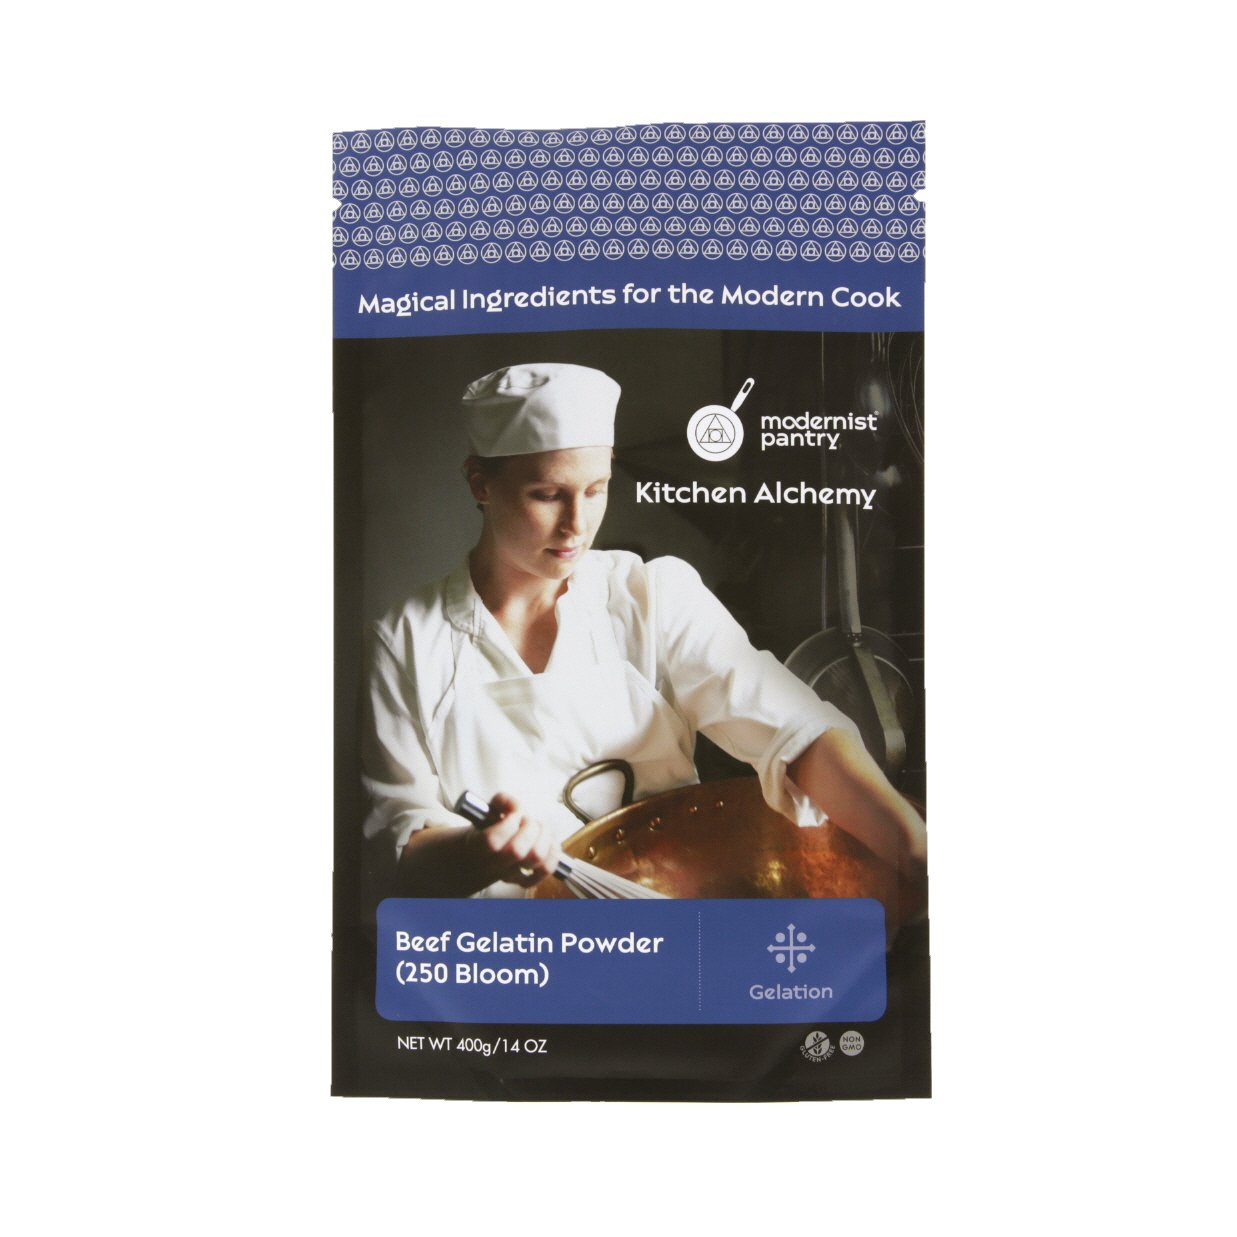 Pure Beef Gelatin Powder (250 Bloom) - 400g/14oz